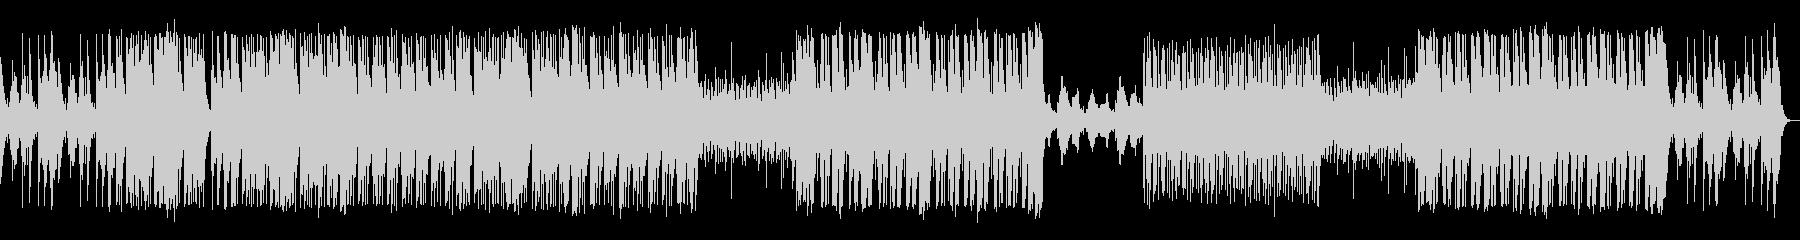 ハープの音が心地よいBGMの未再生の波形